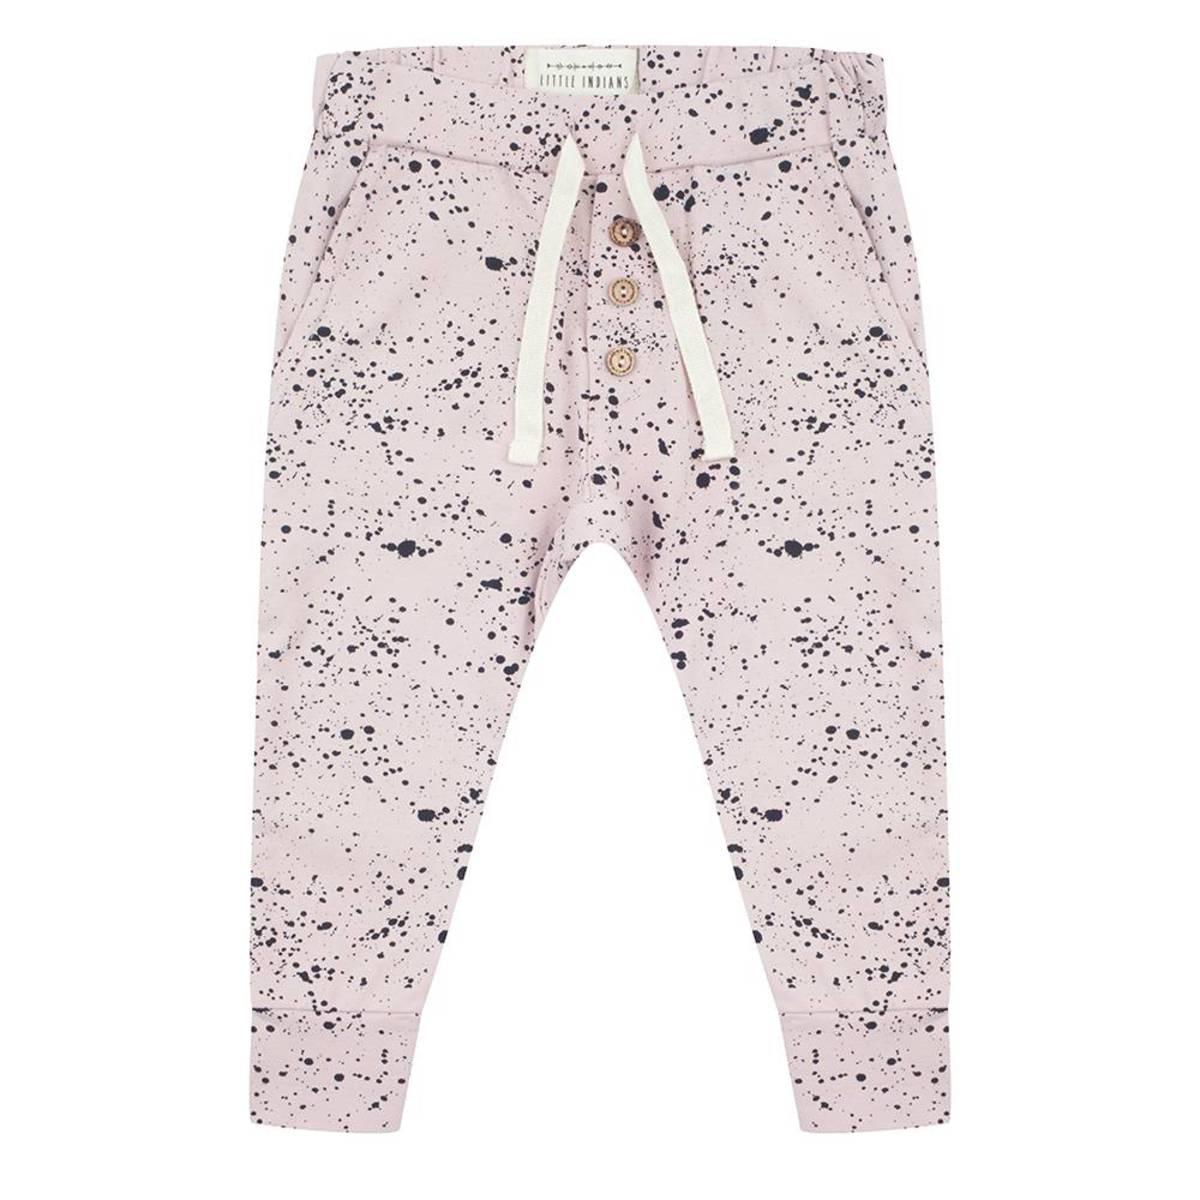 Bas Bébé Pantalon Splash Rose - 6/9 mois Pantalon Splash Rose - 6/9 mois